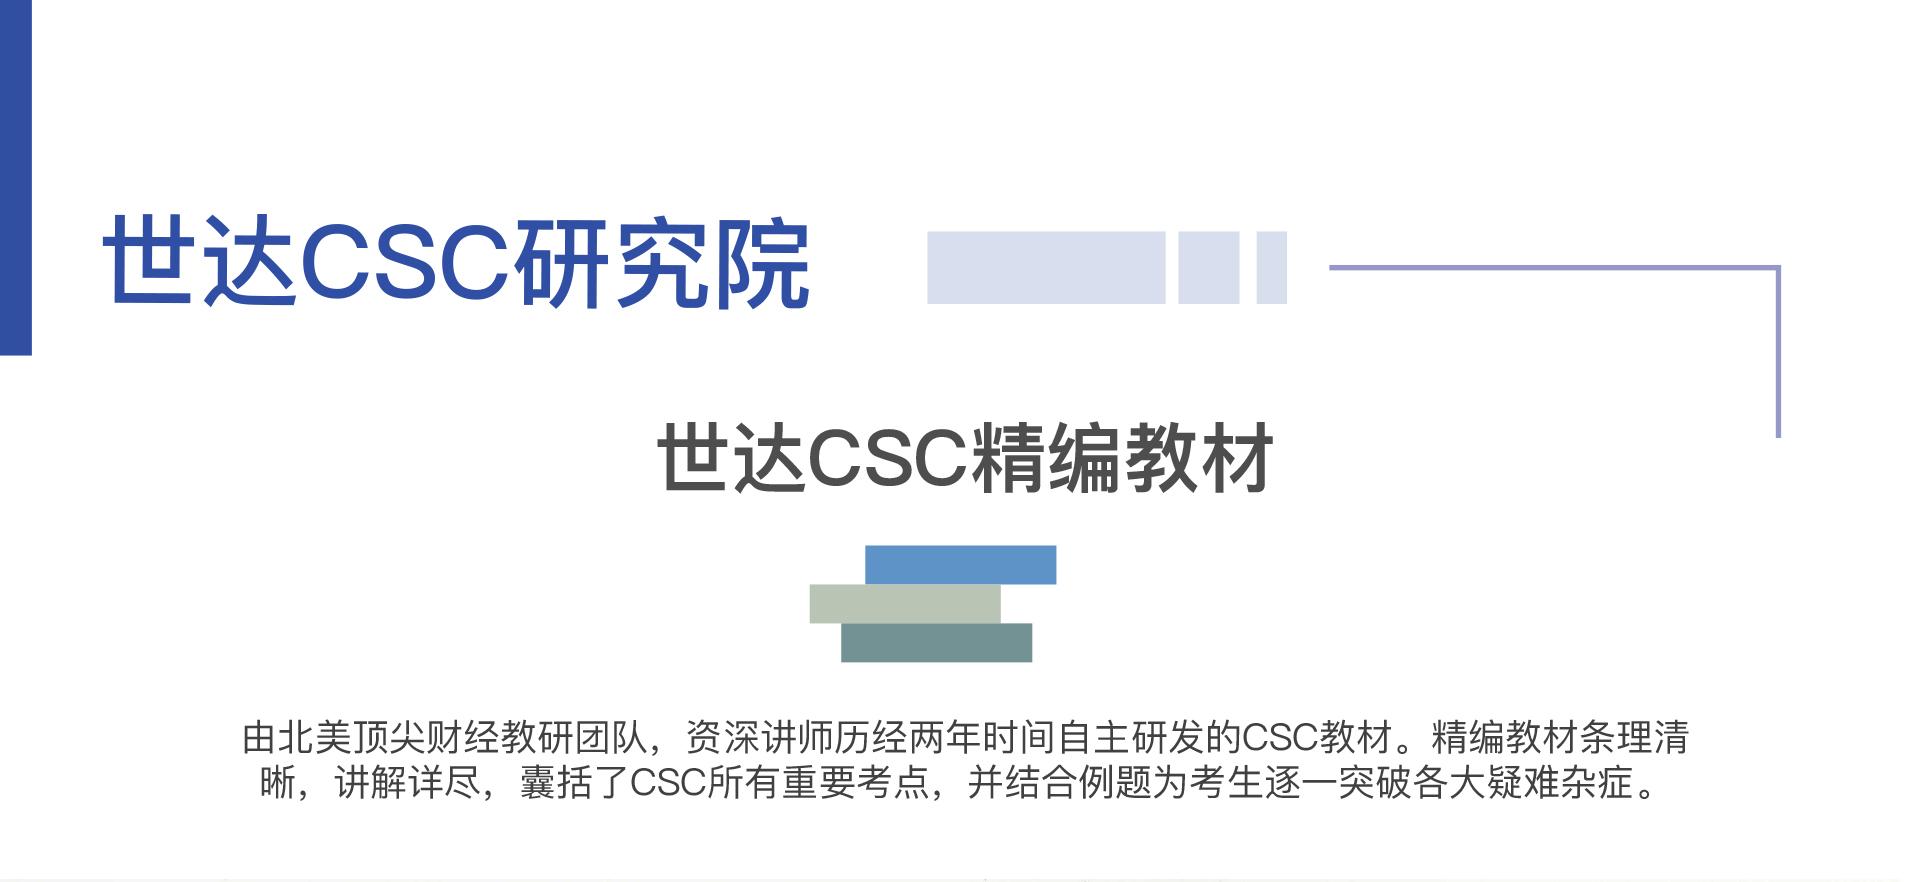 世达CSC研究院&世达CSC精编教材-由北美顶尖财经教研团队,资深讲师历经两年时间自主研发的CSC教材。精编教材条理清晰,讲解详尽,囊括了CSC所有重要考点,并结合例题为考生逐一突破各大疑难杂症。